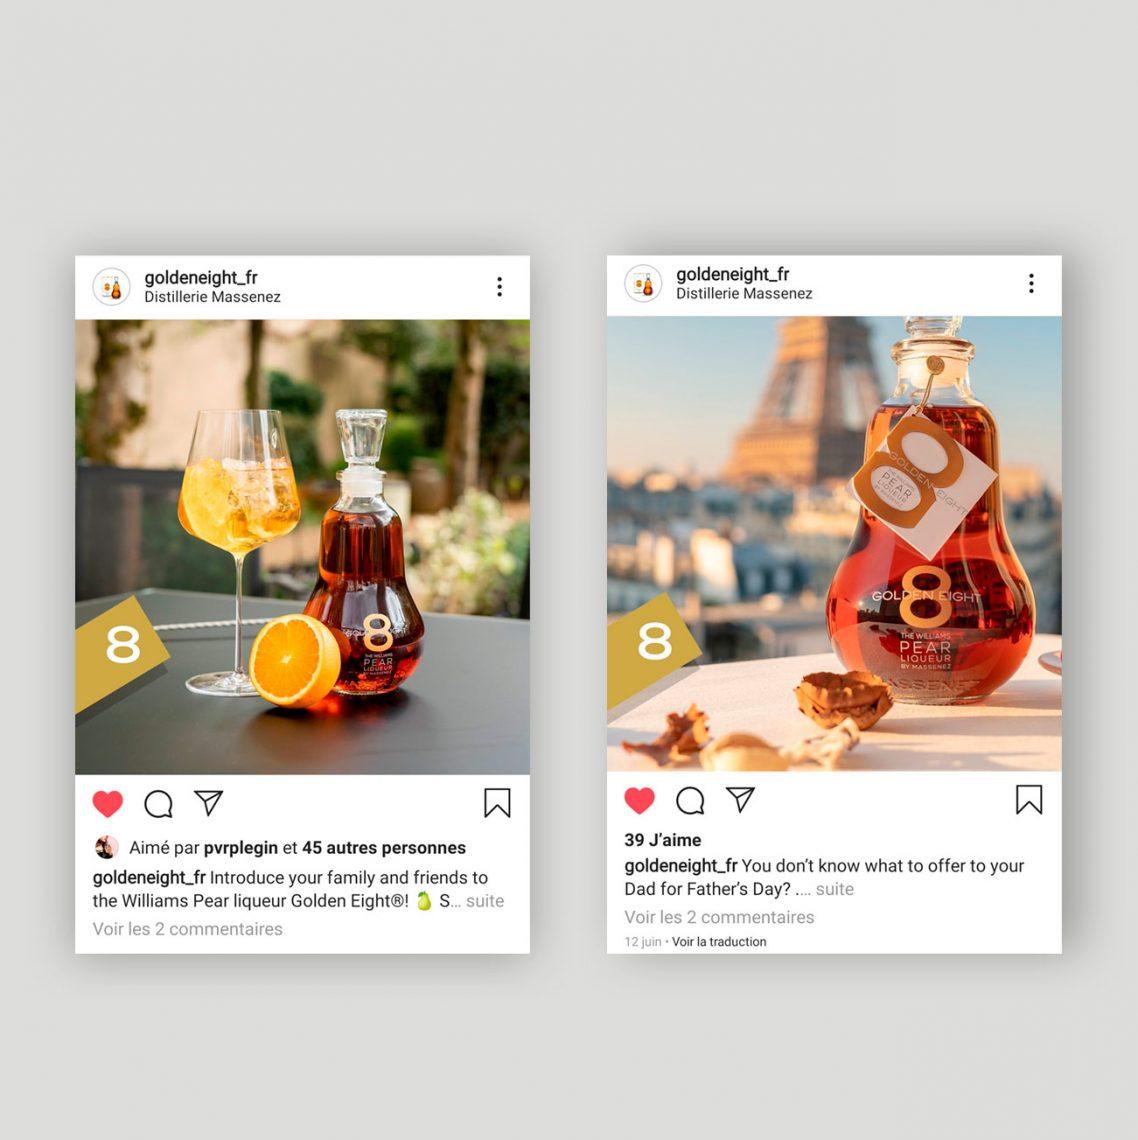 Posts Instagram